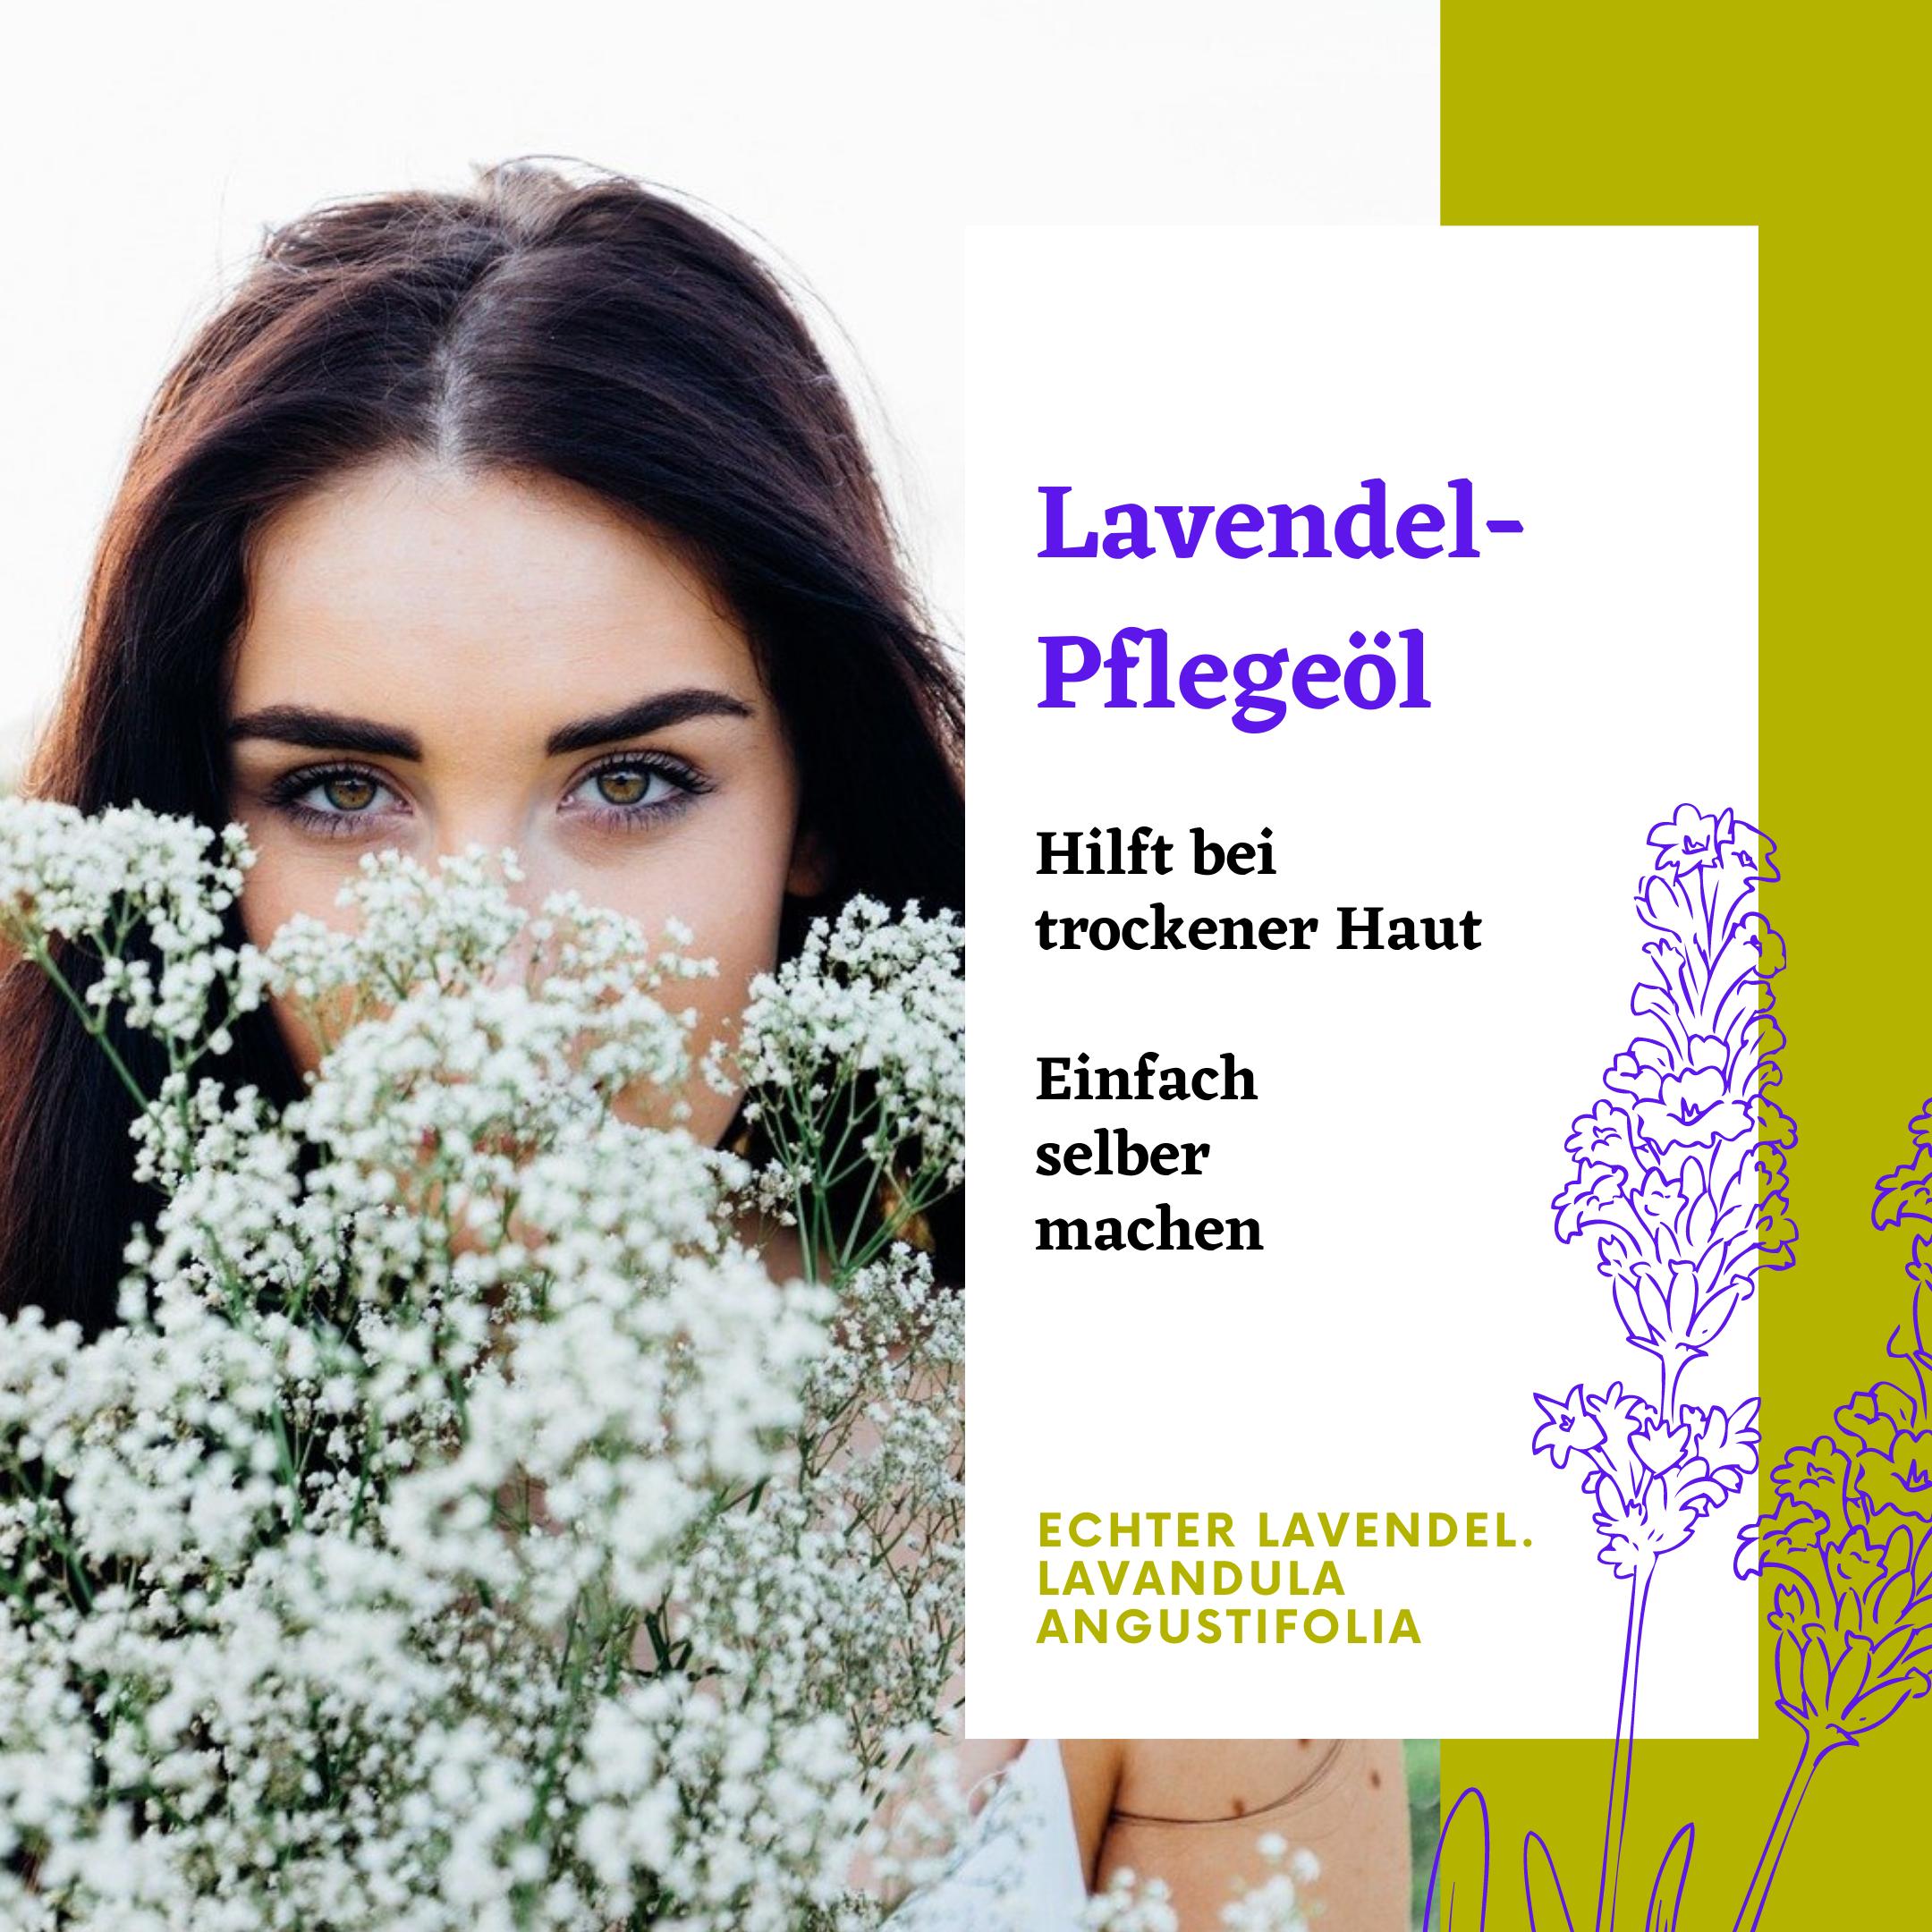 Mädchen auf duftender Blumenwiese. Lavendel-Pflegeöl pflegt trockene Haut